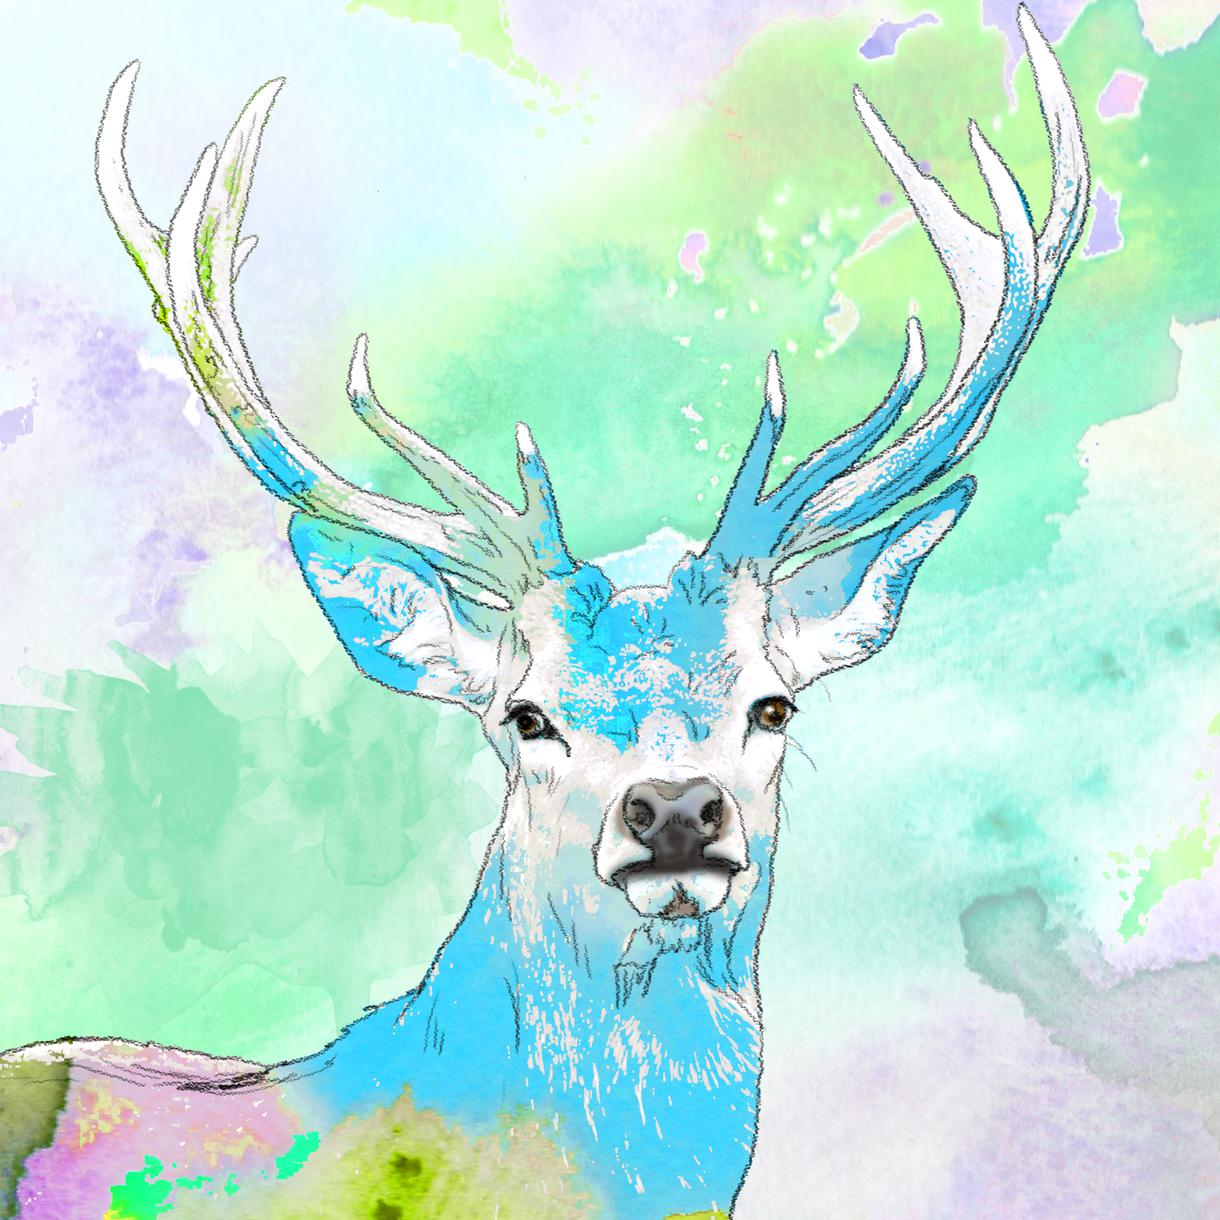 美しい水彩画風*写真からペット似顔絵*描きます 最短即日、プレゼント、各種記念、インテリアに♪